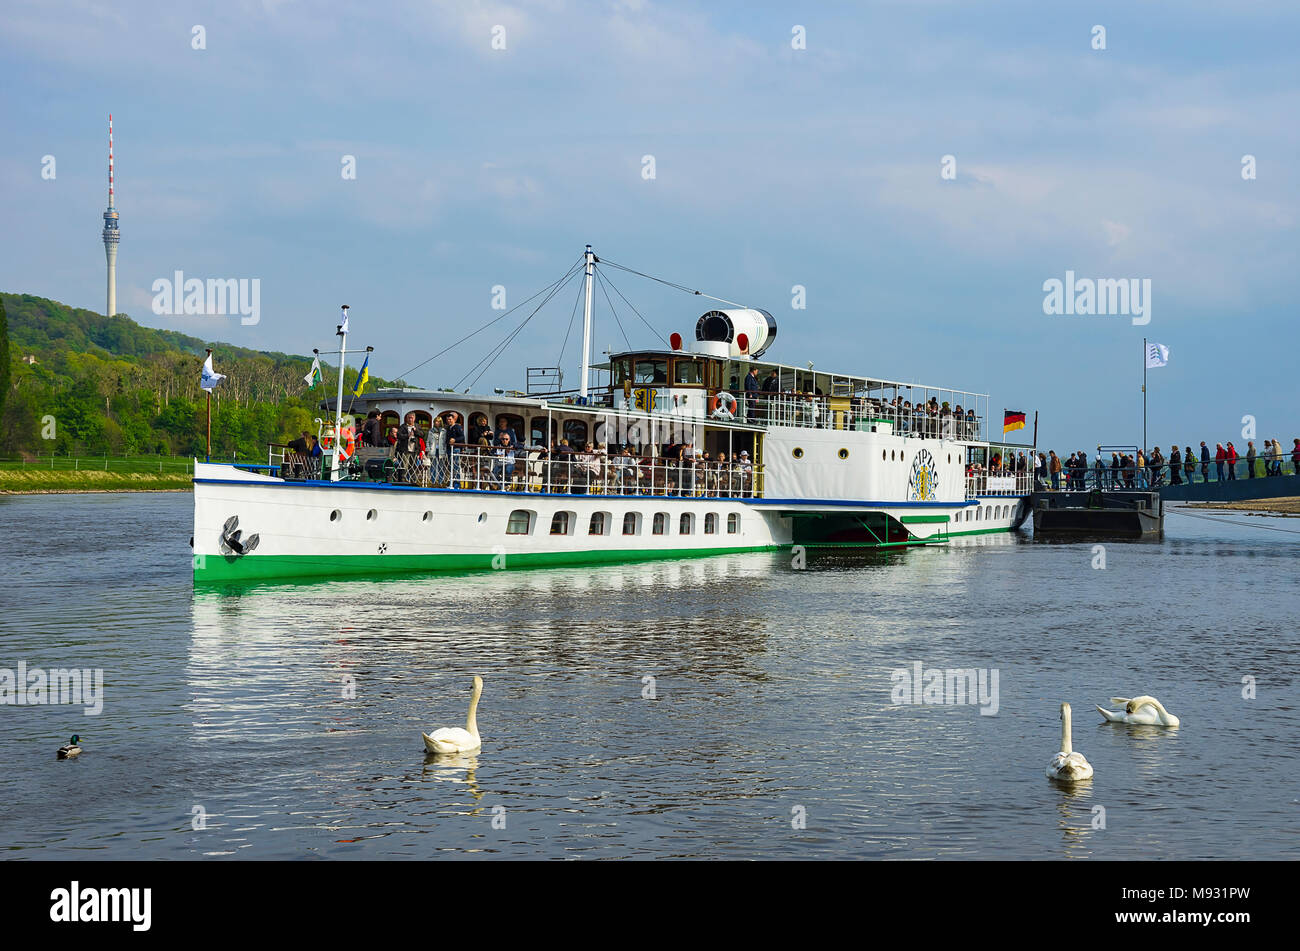 Der historische Raddampfer PD LEIPZIG hat am Bootssteg im Stadtteil Blasewitz, Dresden, Sachsen, Deutschland angedockt. Stockbild